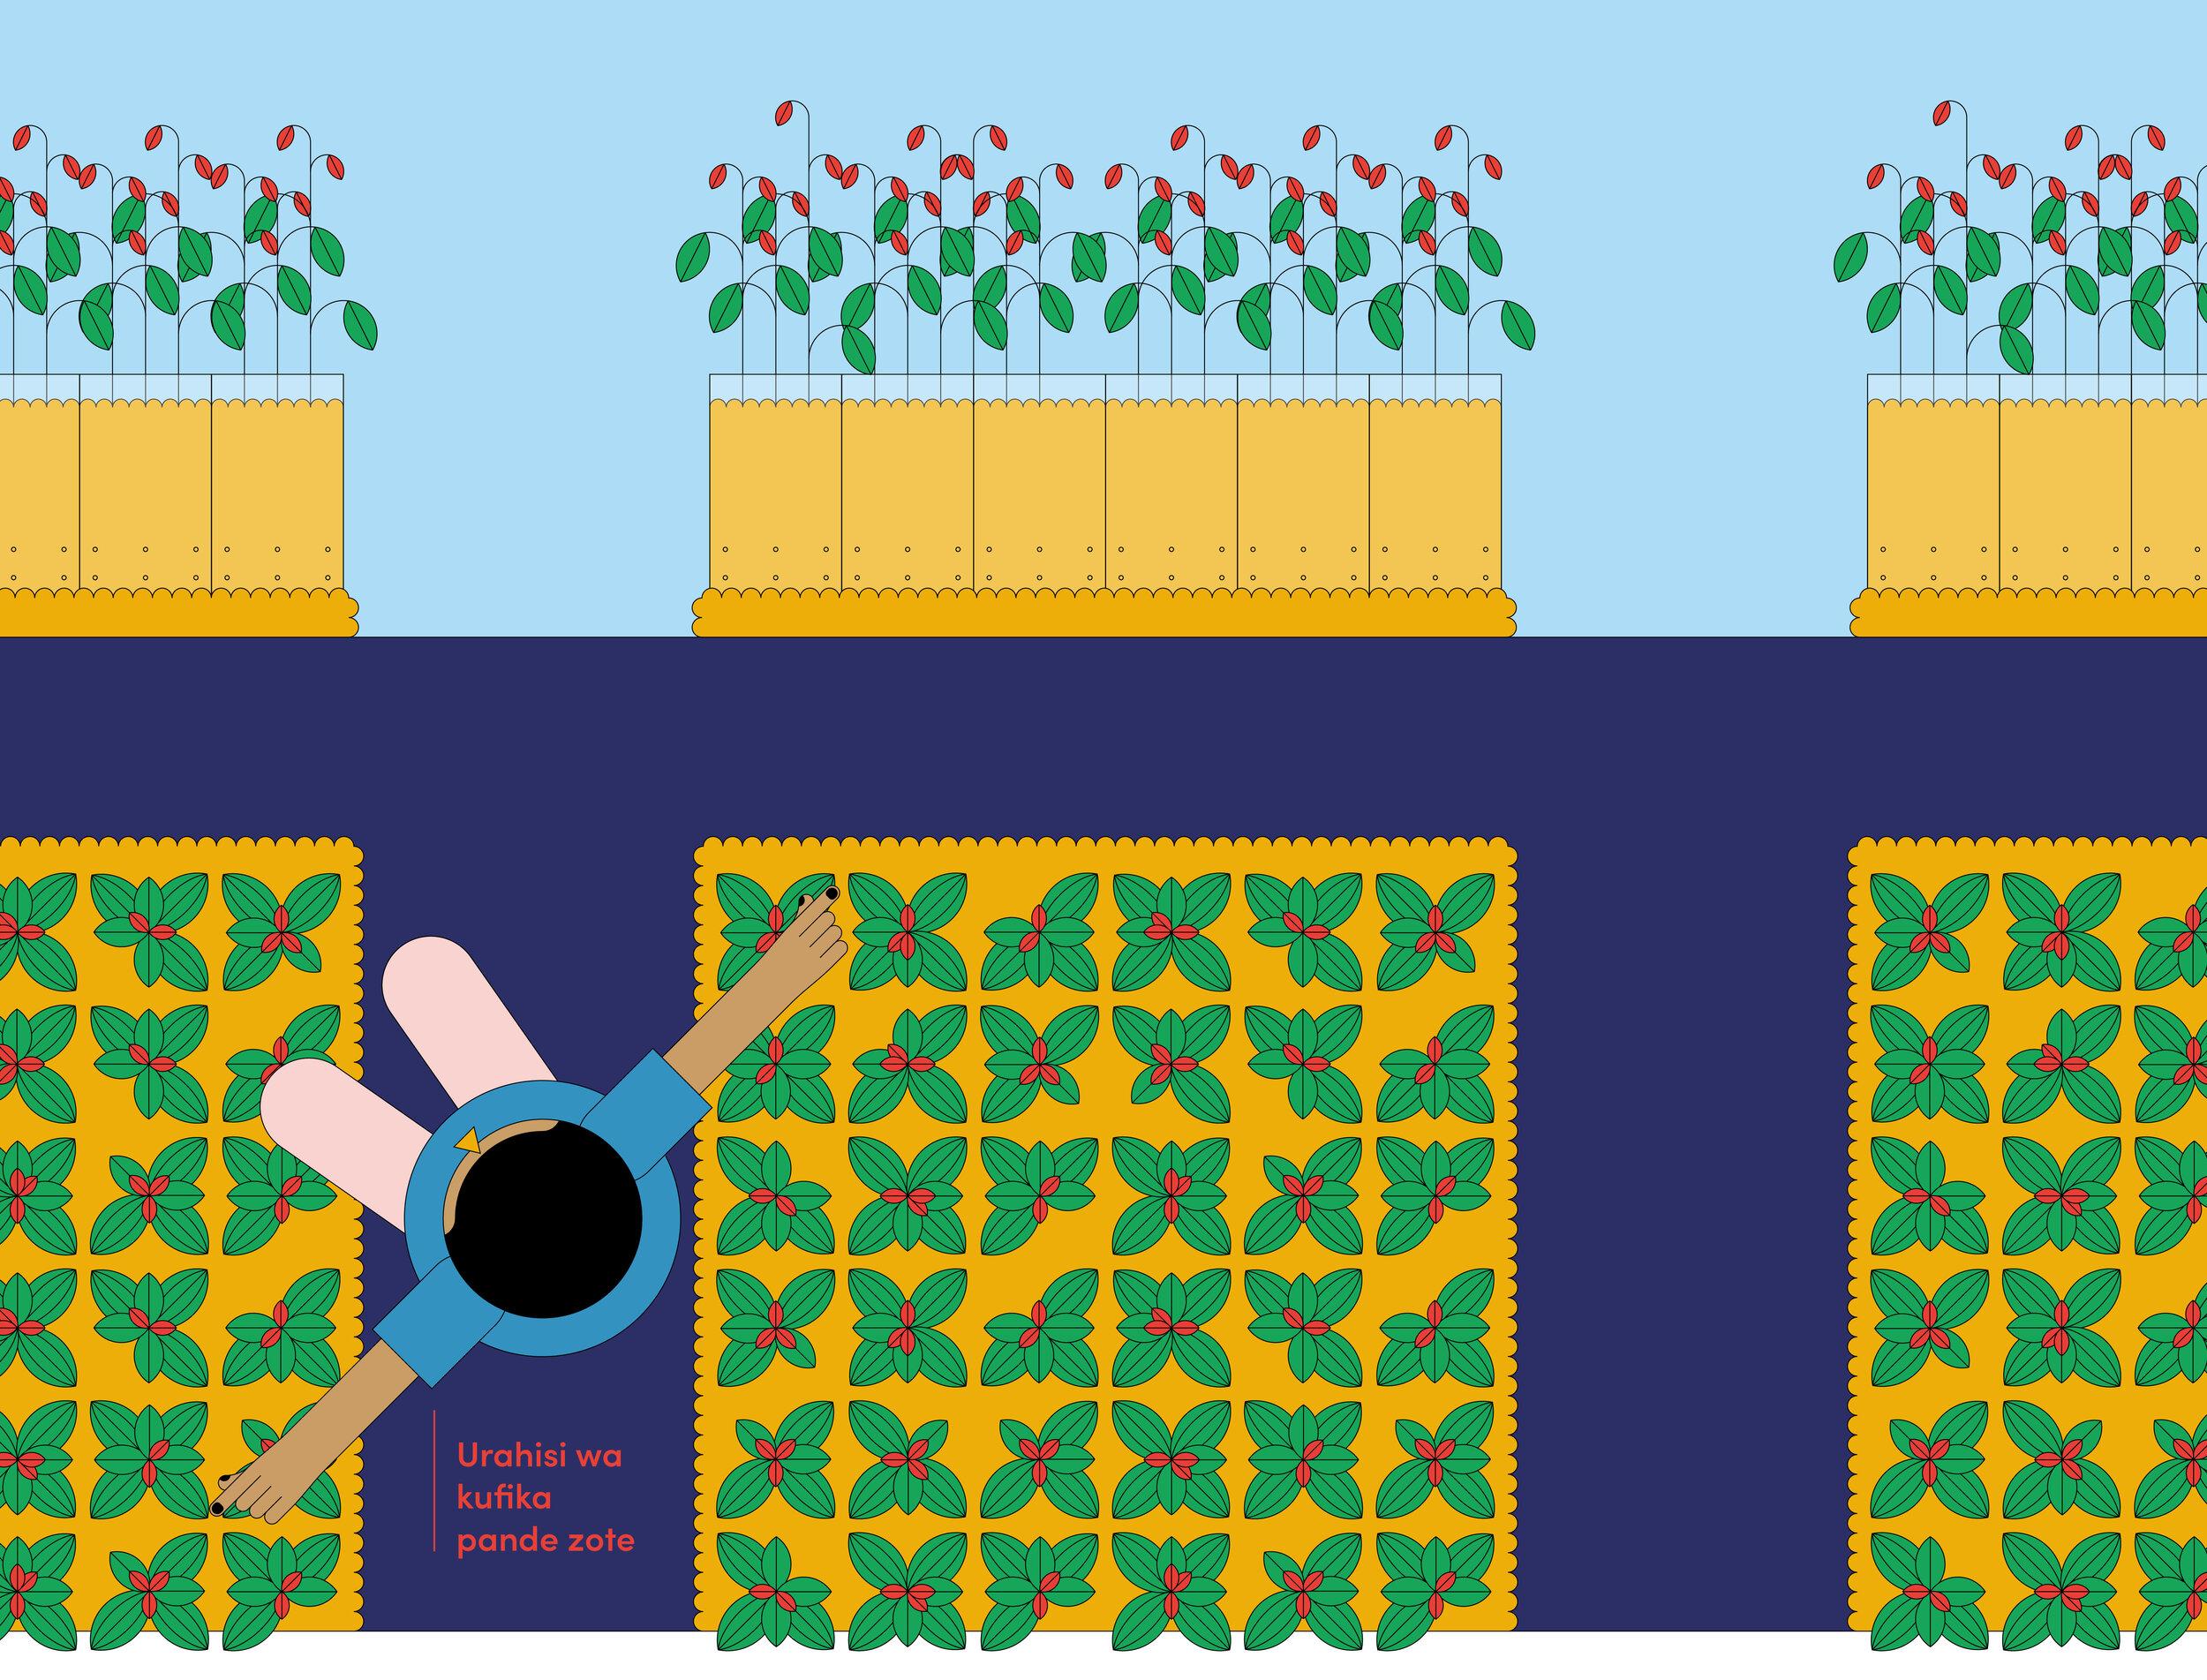 trade_center_cinnamon_editorial_illustration.jpg